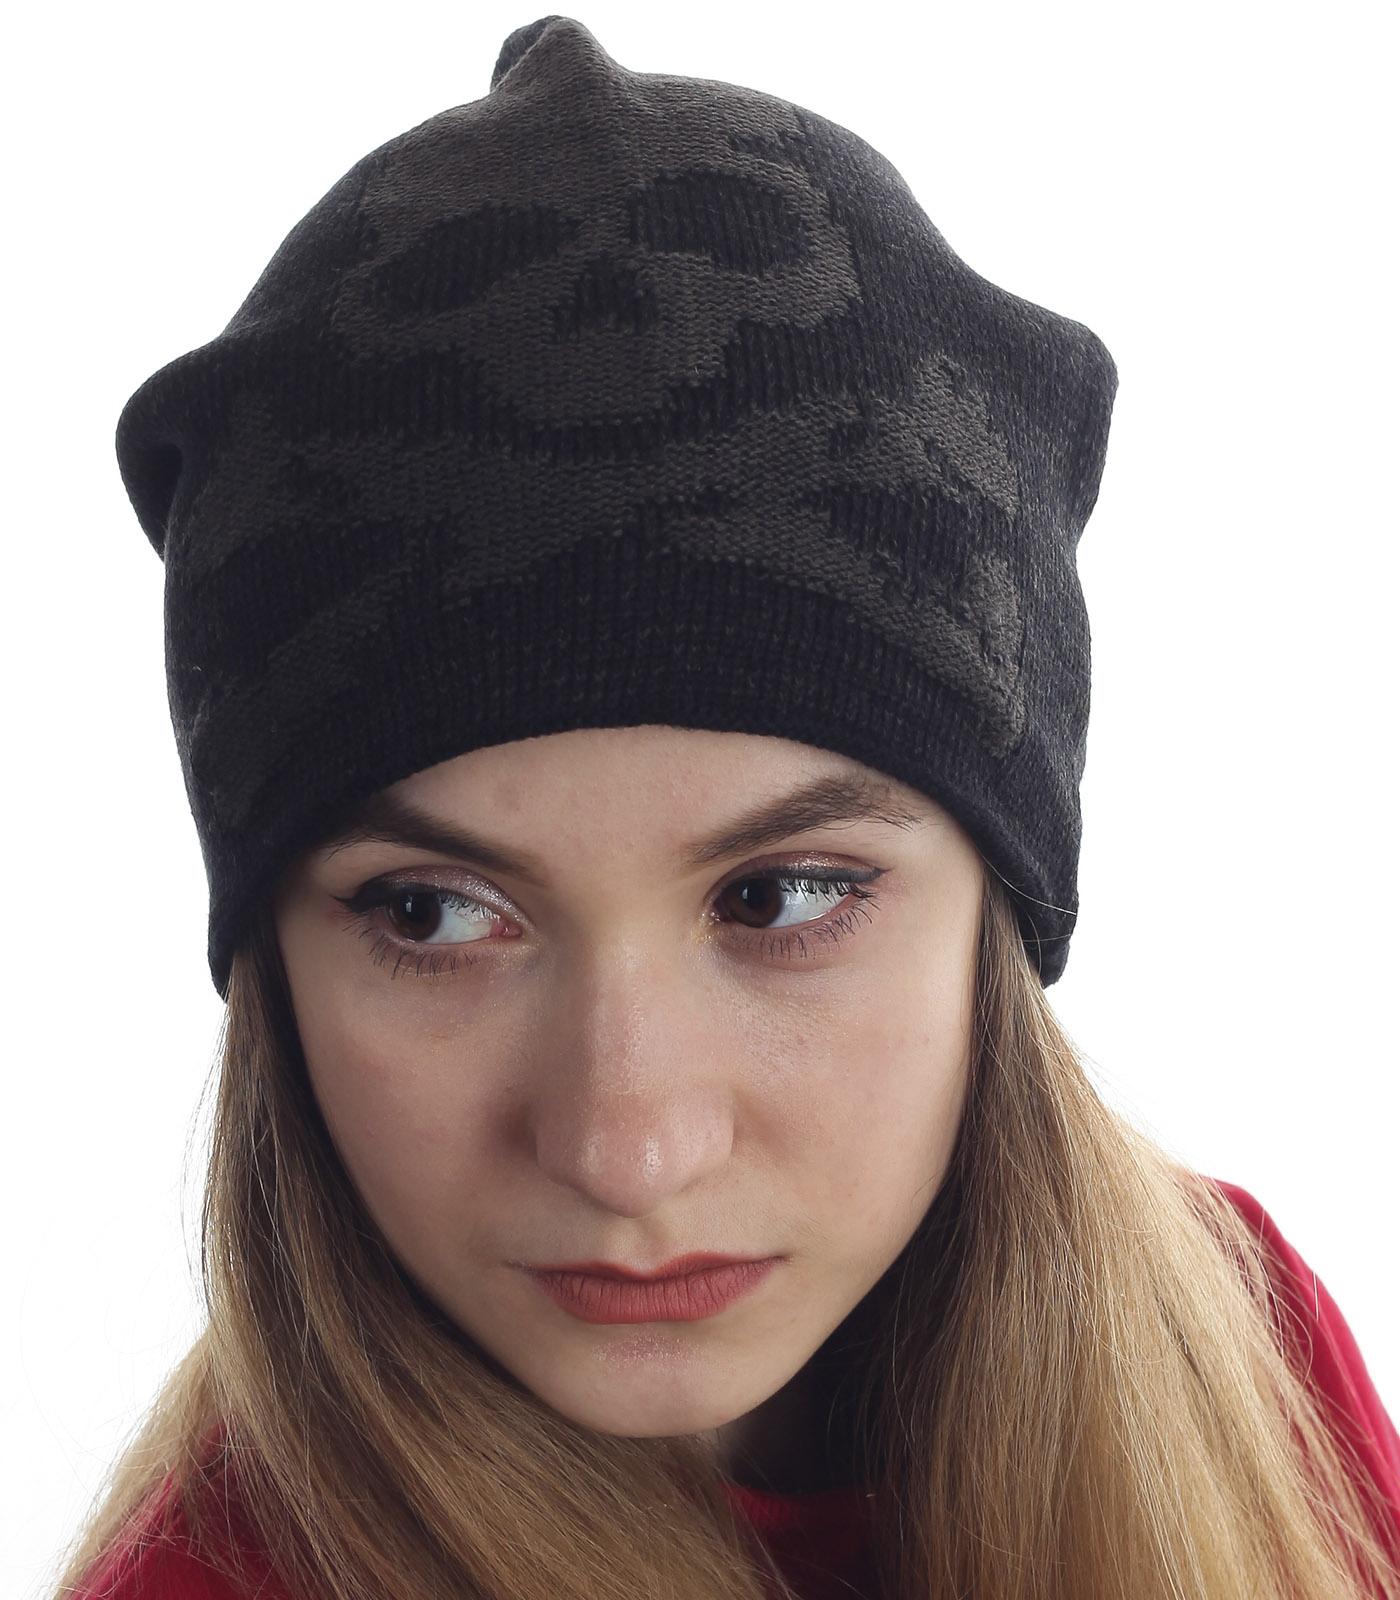 Женская шапка черного цвета - трендовая модель с черепом. Быть модной легко и недорого, заказывай!